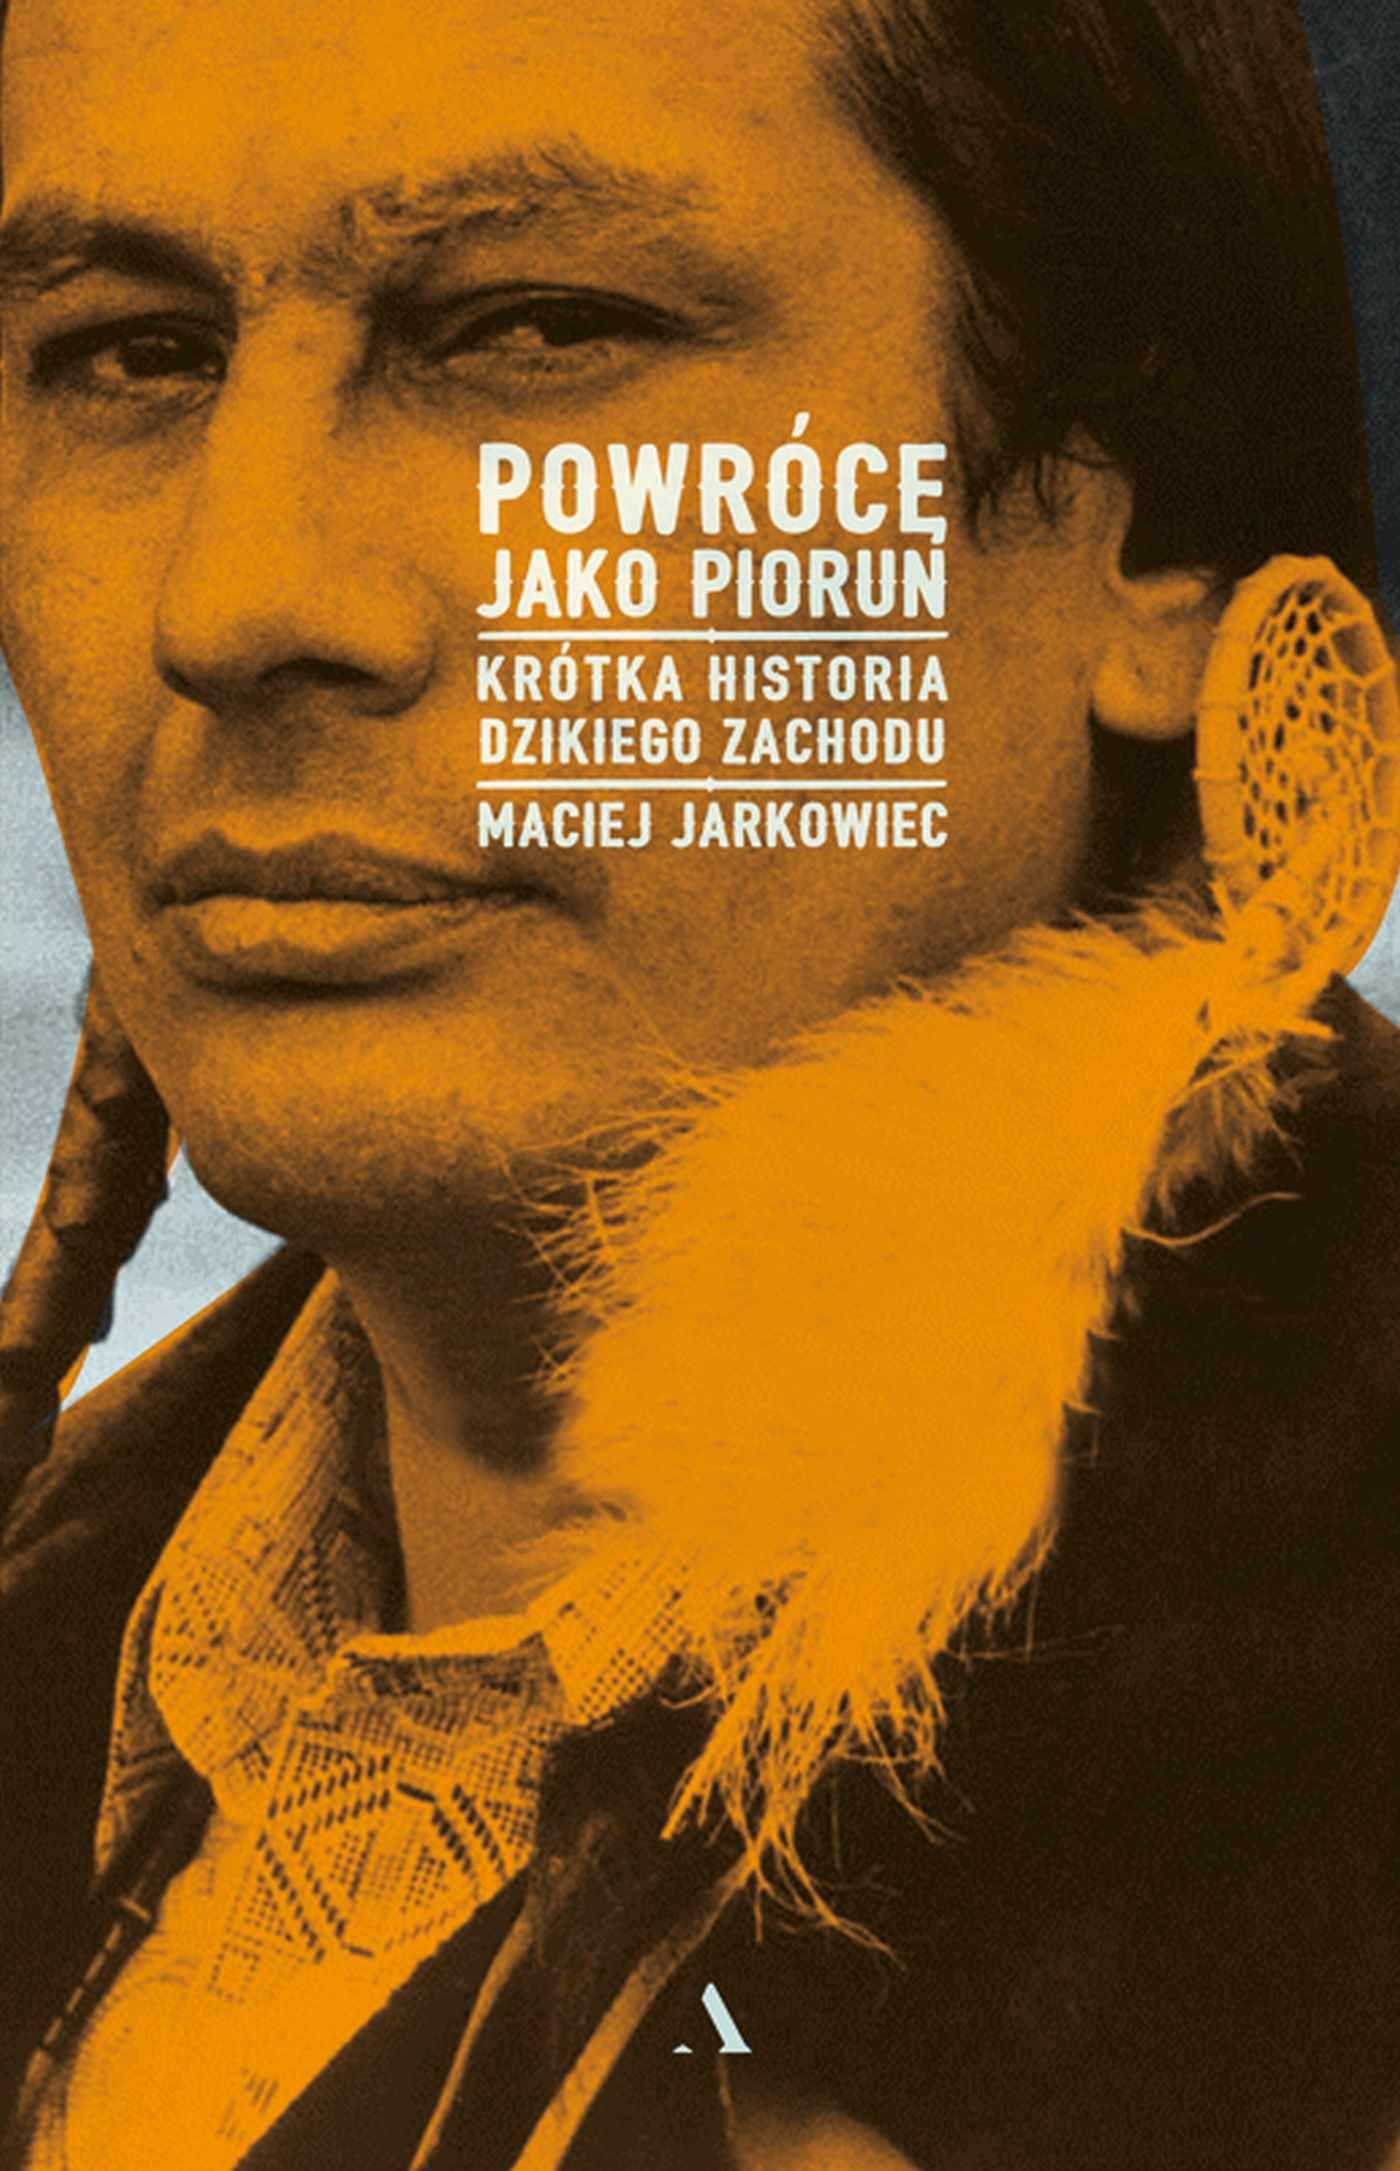 Powrócę jako Piorun. Krótka historia Dzikiego Zachodu - Ebook (Książka EPUB) do pobrania w formacie EPUB